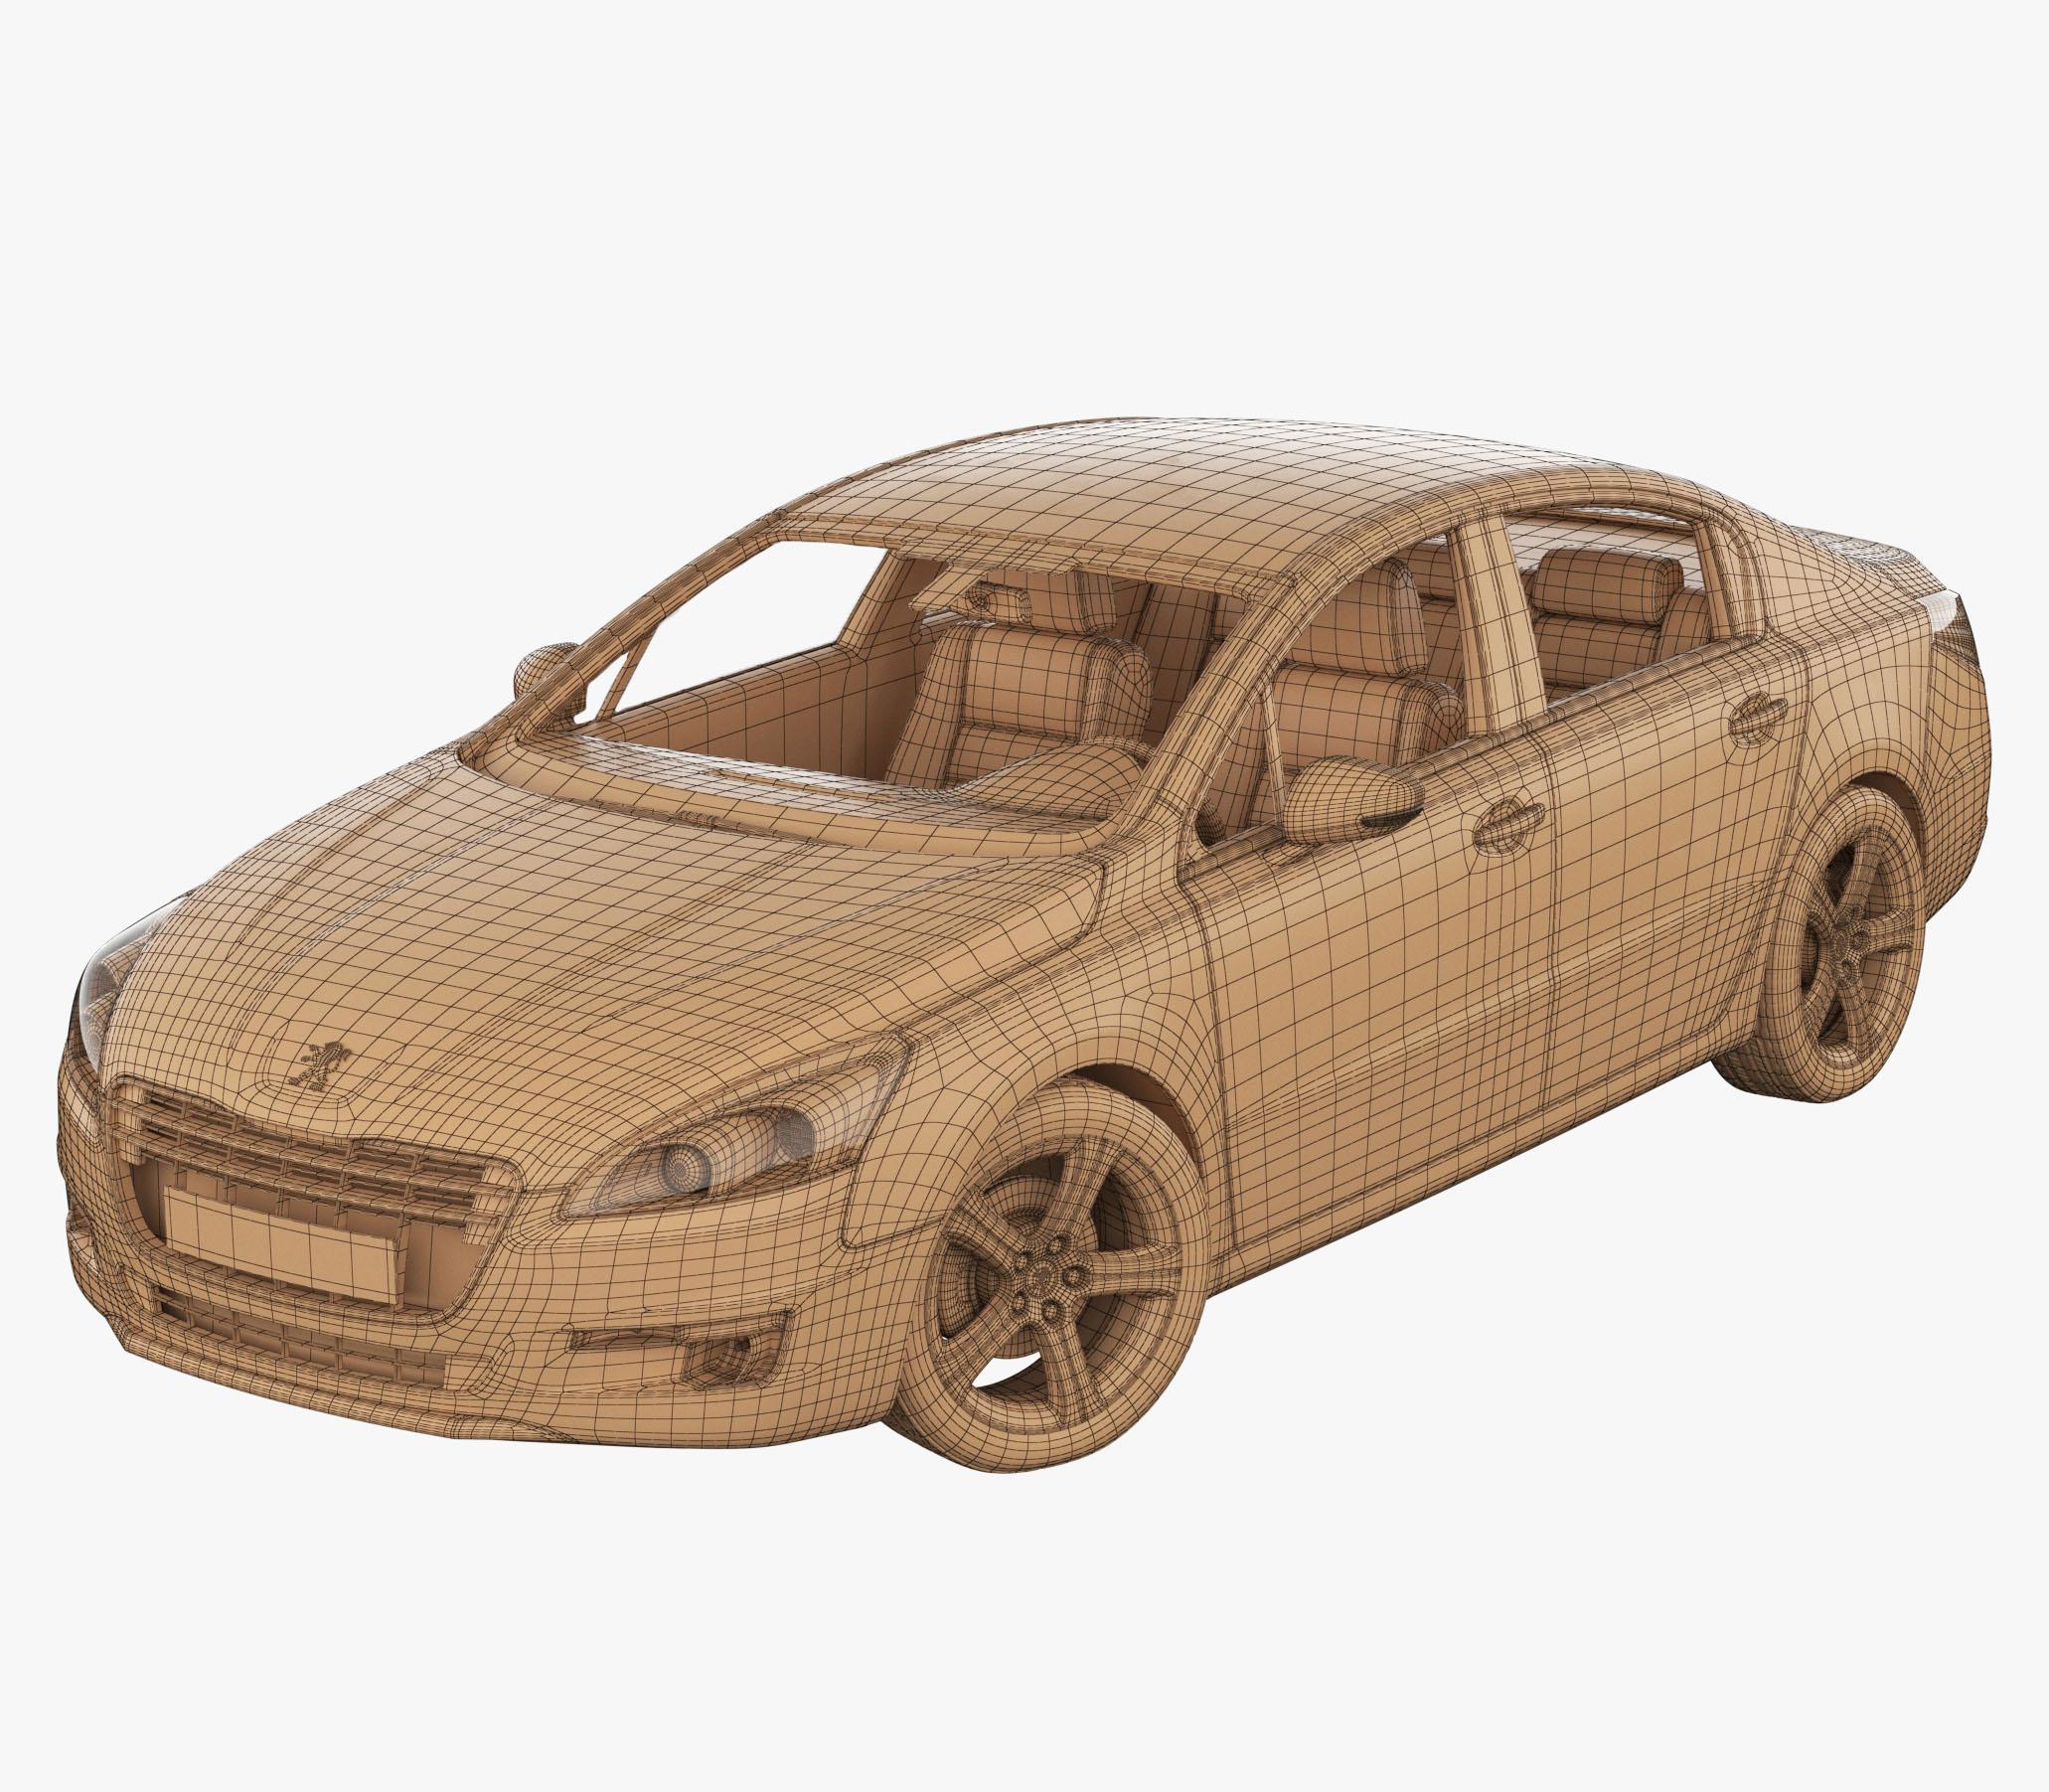 Peugeot 508 Wireframe 3D Model